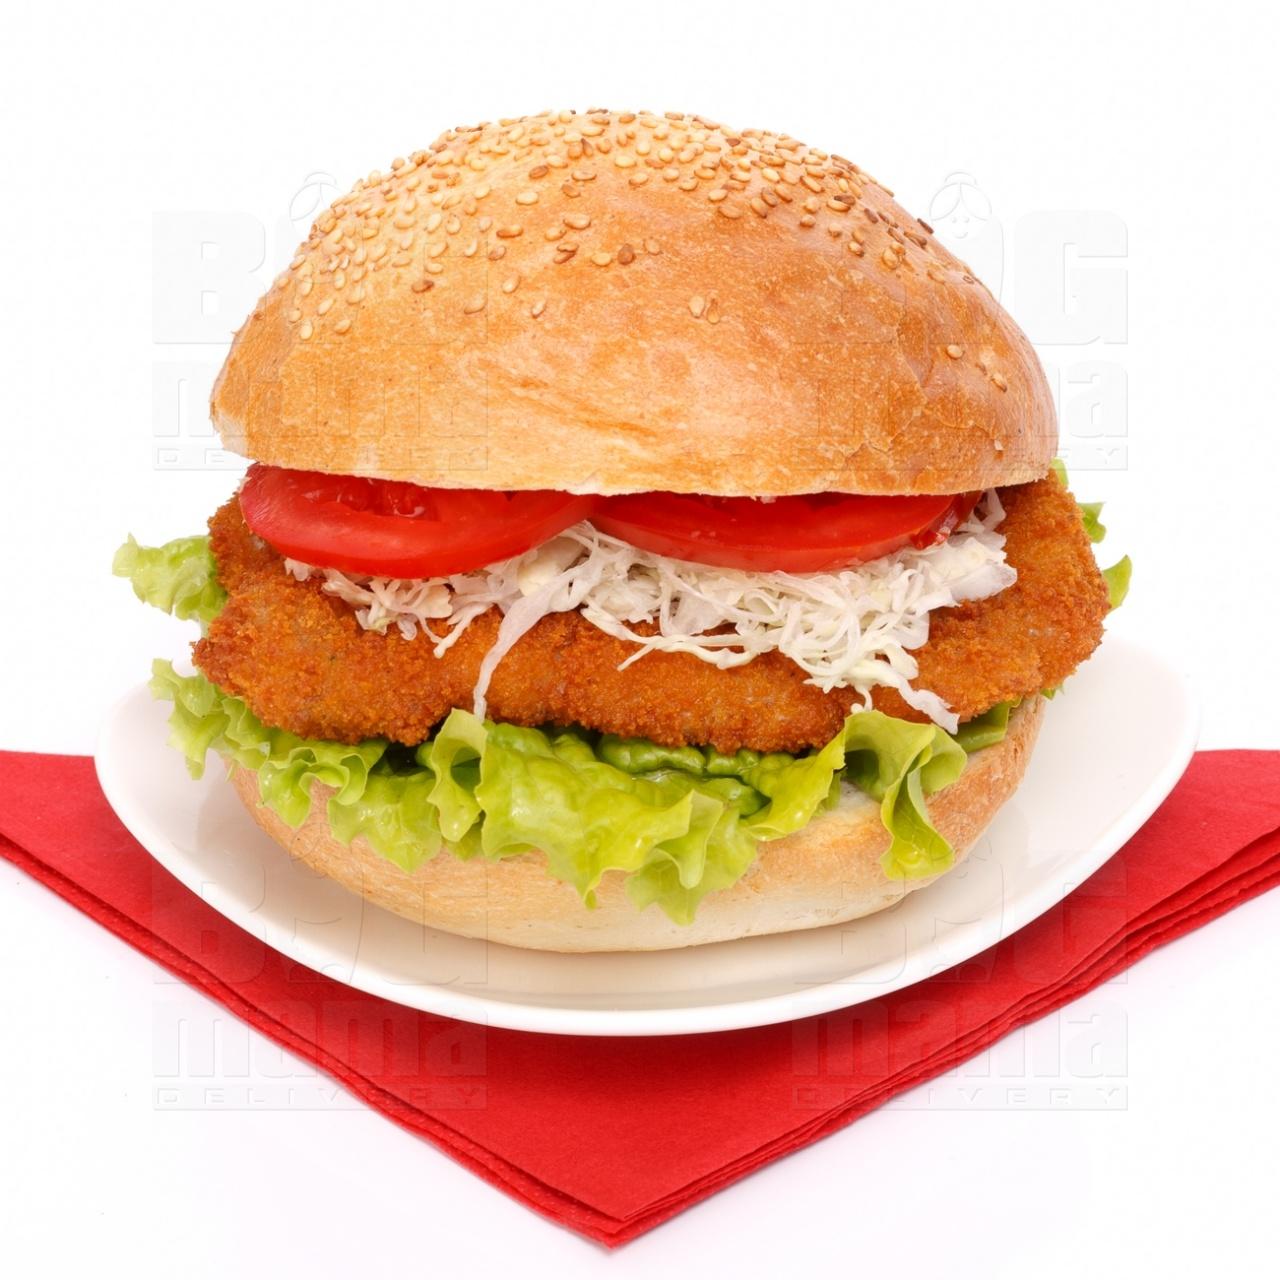 Product #57 image - Sandviş mic cu şniţel de porc